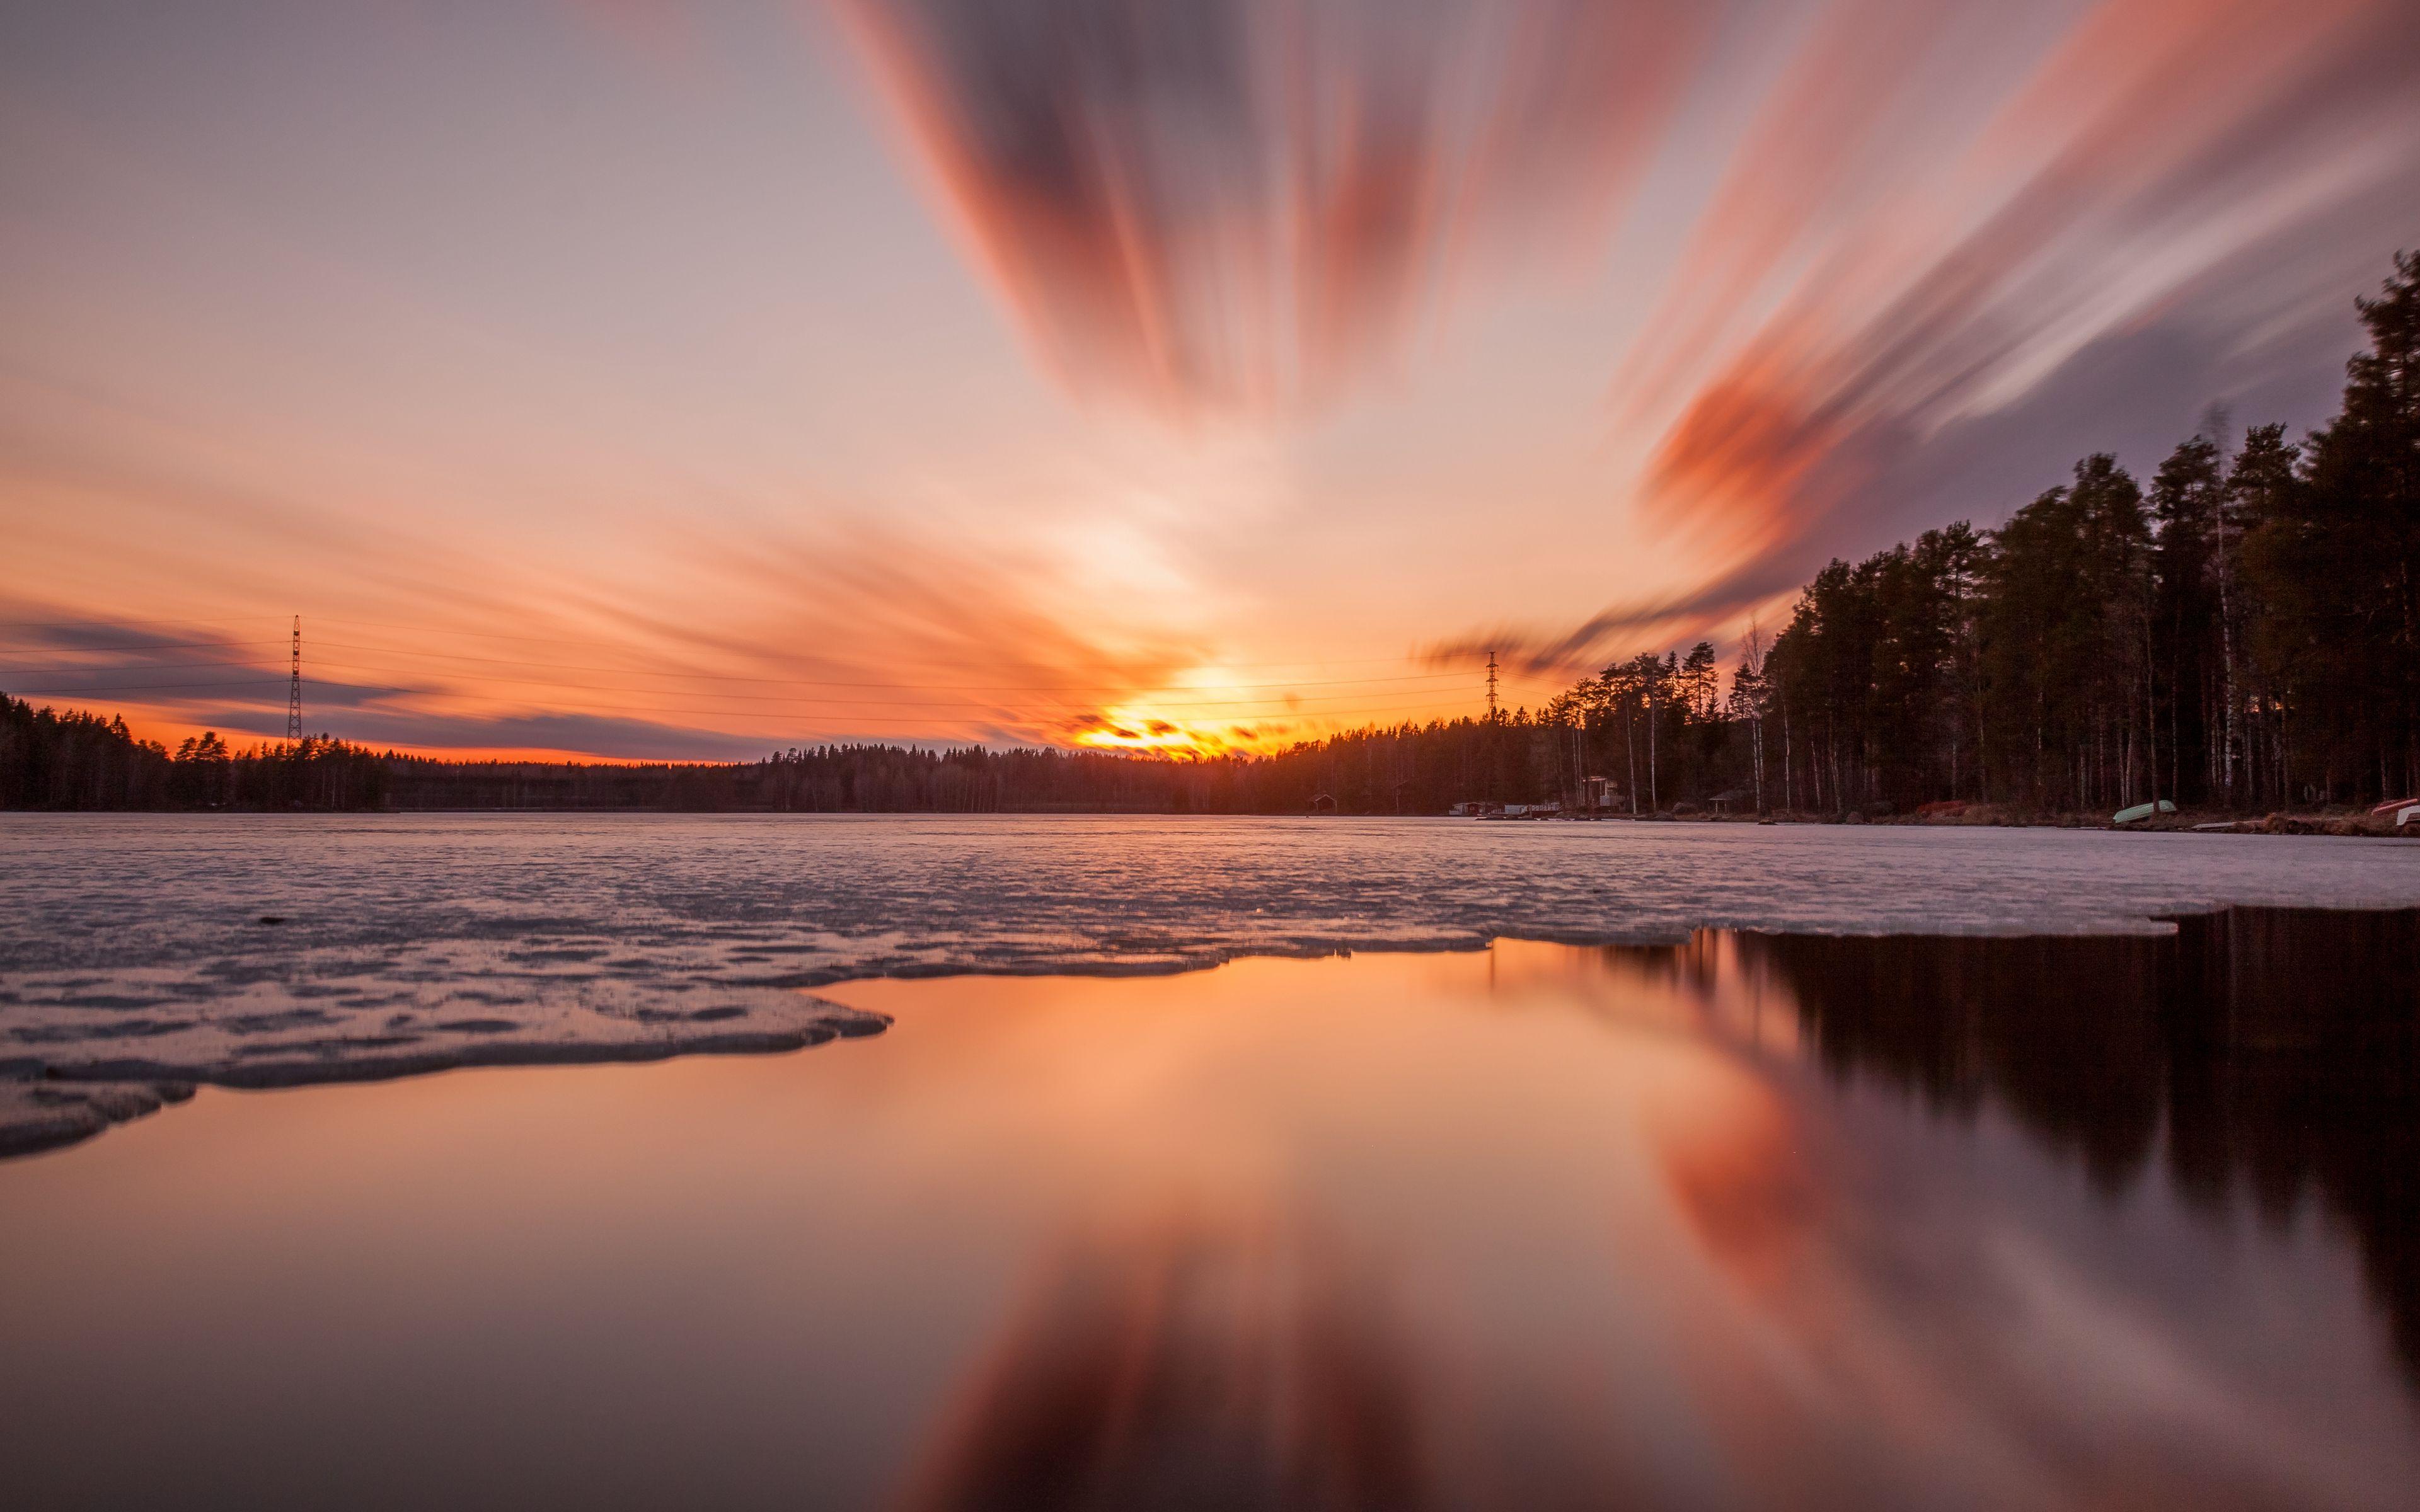 Fondos de pantalla Atardecer en lago con bosque